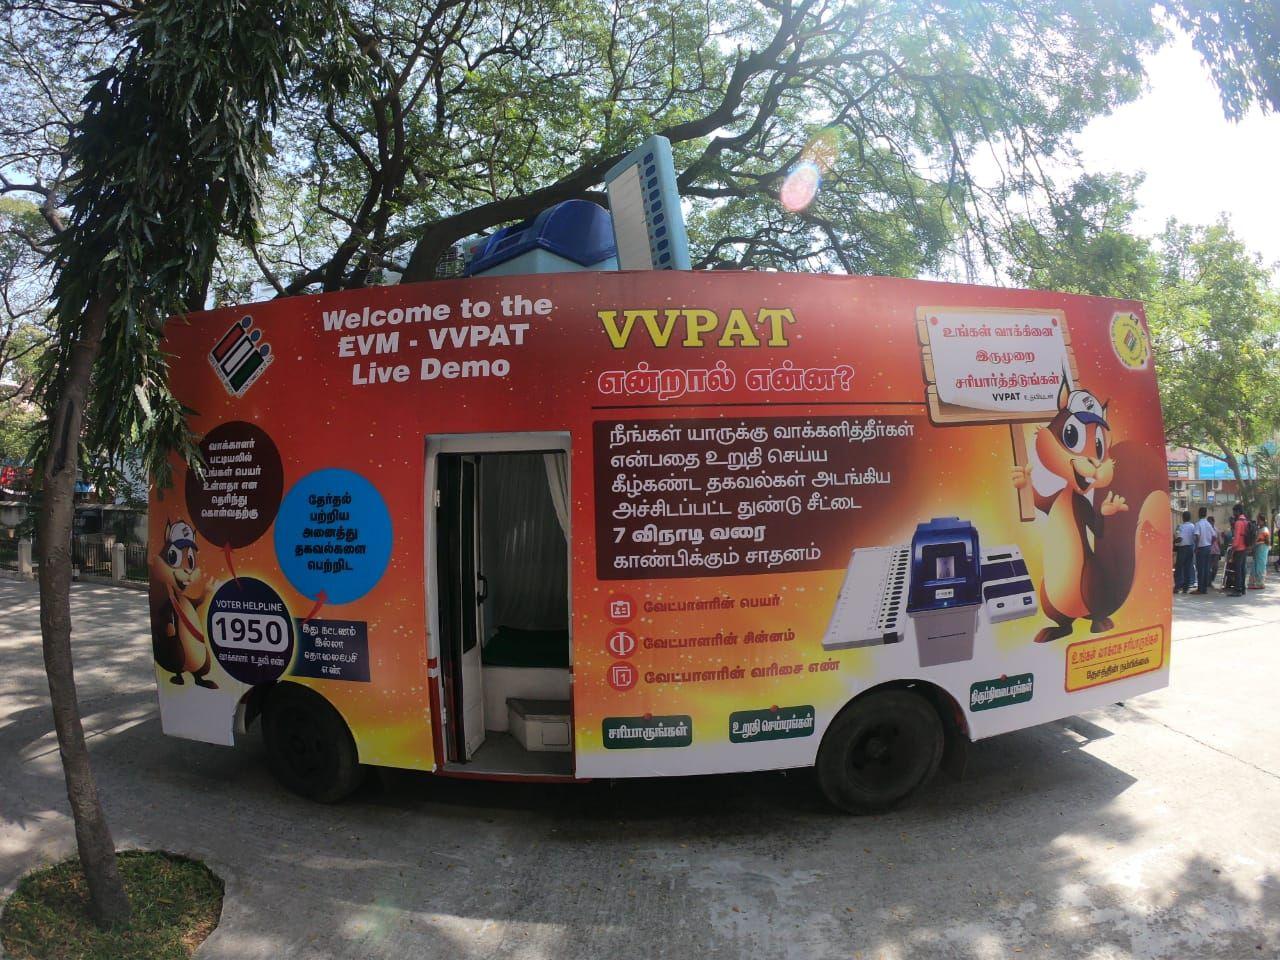 Mobile EVM-VVPAT Awareness Vehicle 3.jpg